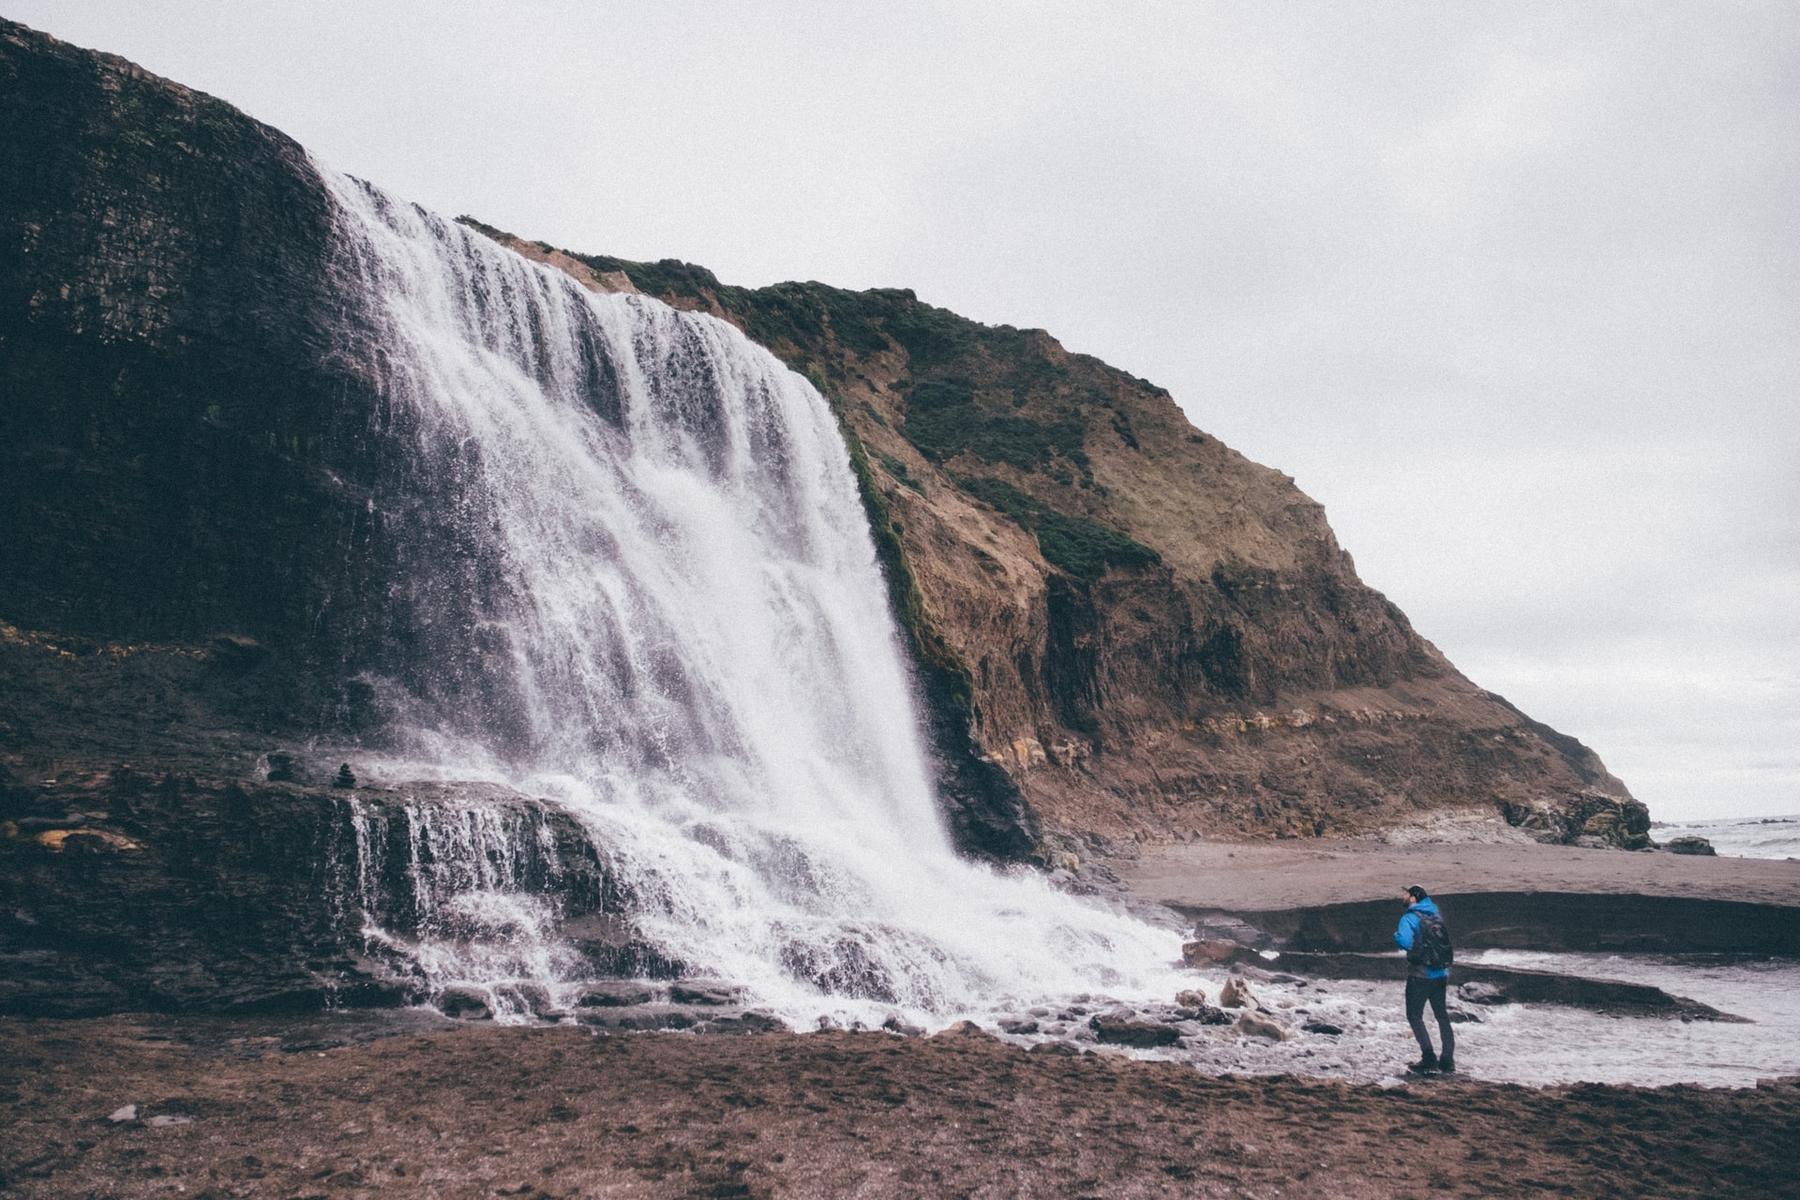 Водопады Аламере (Аламир) в Калифорнии — одно из самых впечатляющих заброшенных мест в мире